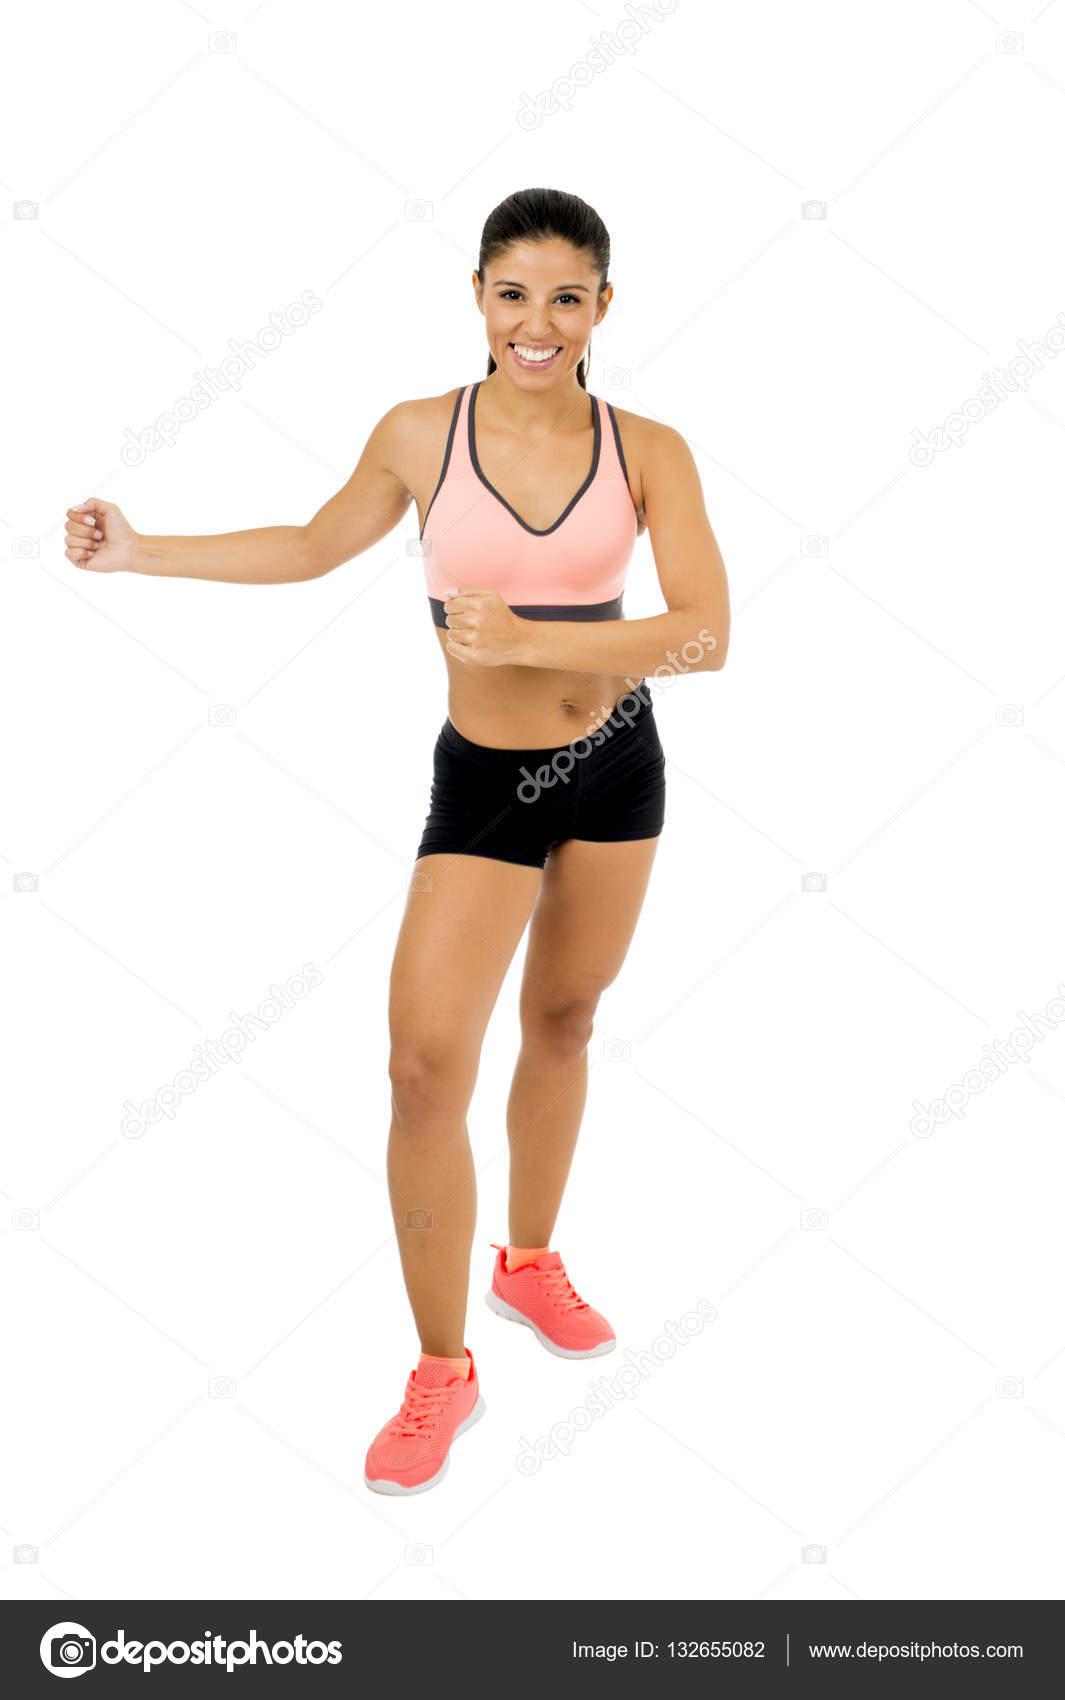 Обтягивают трусики молодая девчонка на тренировке танцами девушка сексуальном